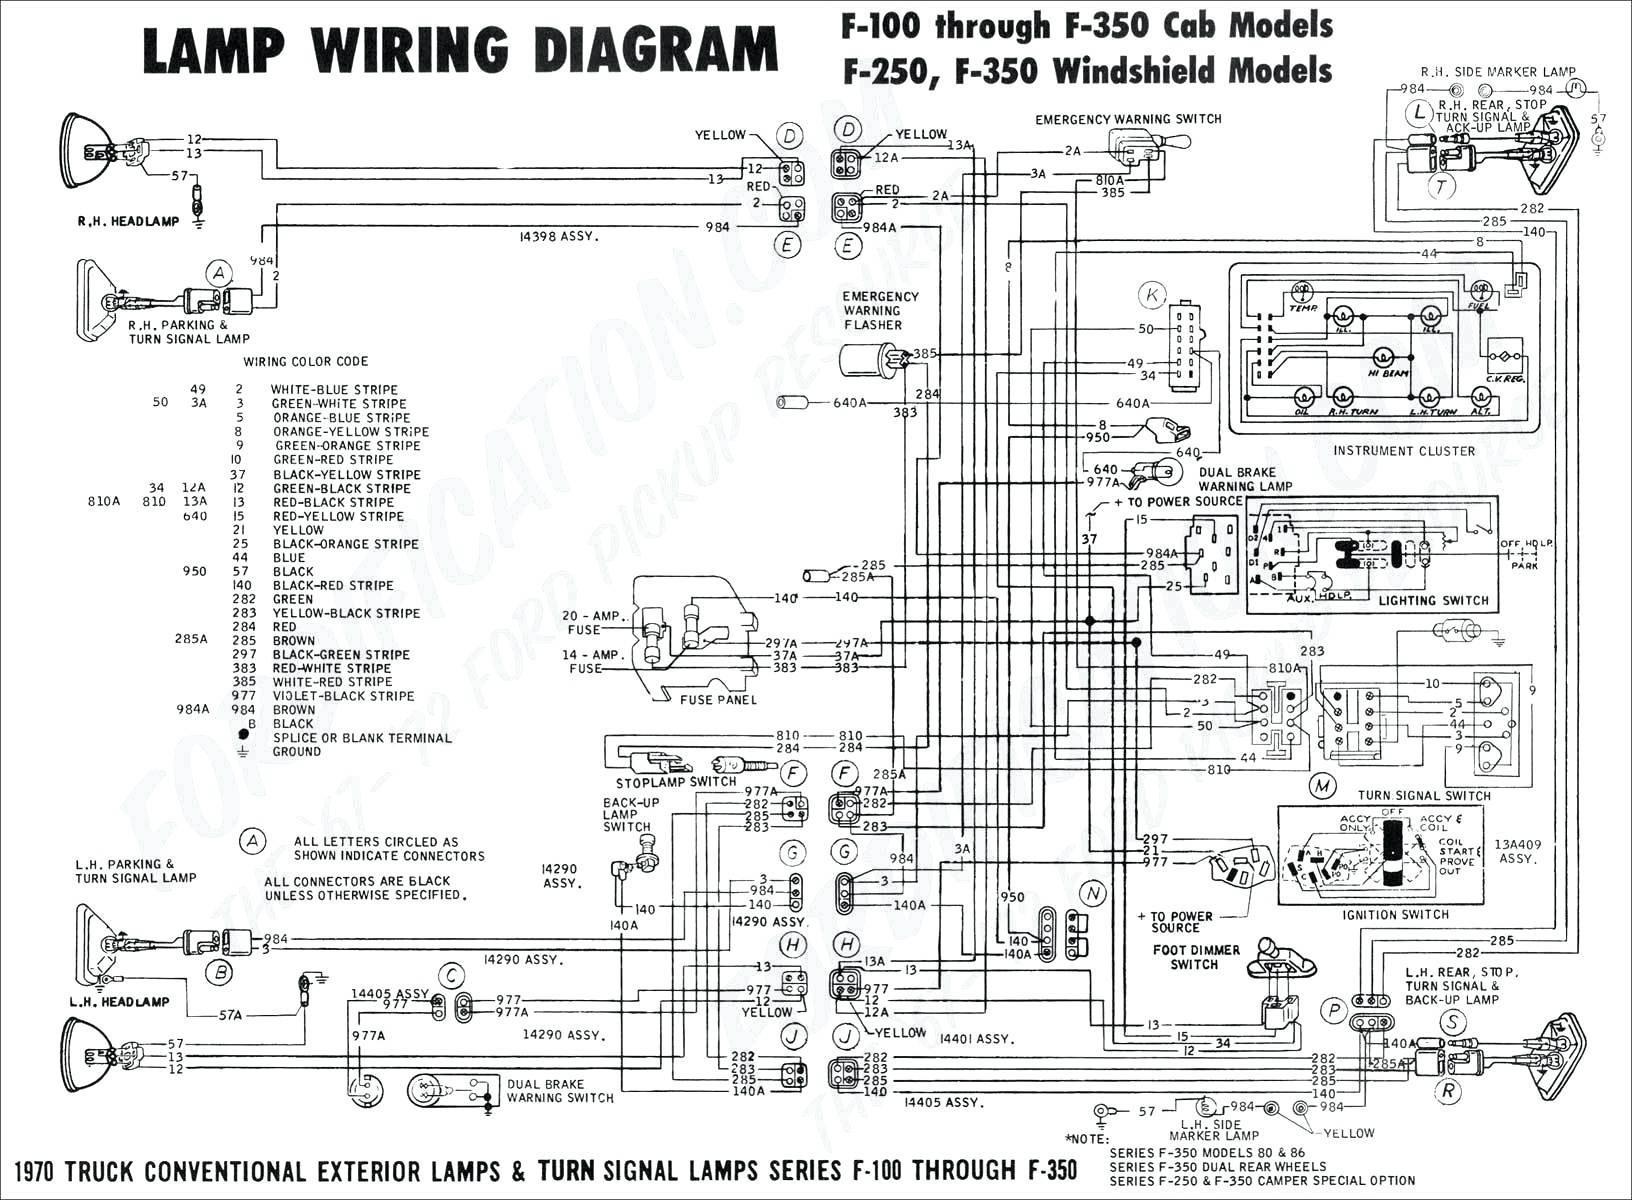 2002 Nissan Sentra Wiring Diagram 2004 Chevy Trailblazer Heater